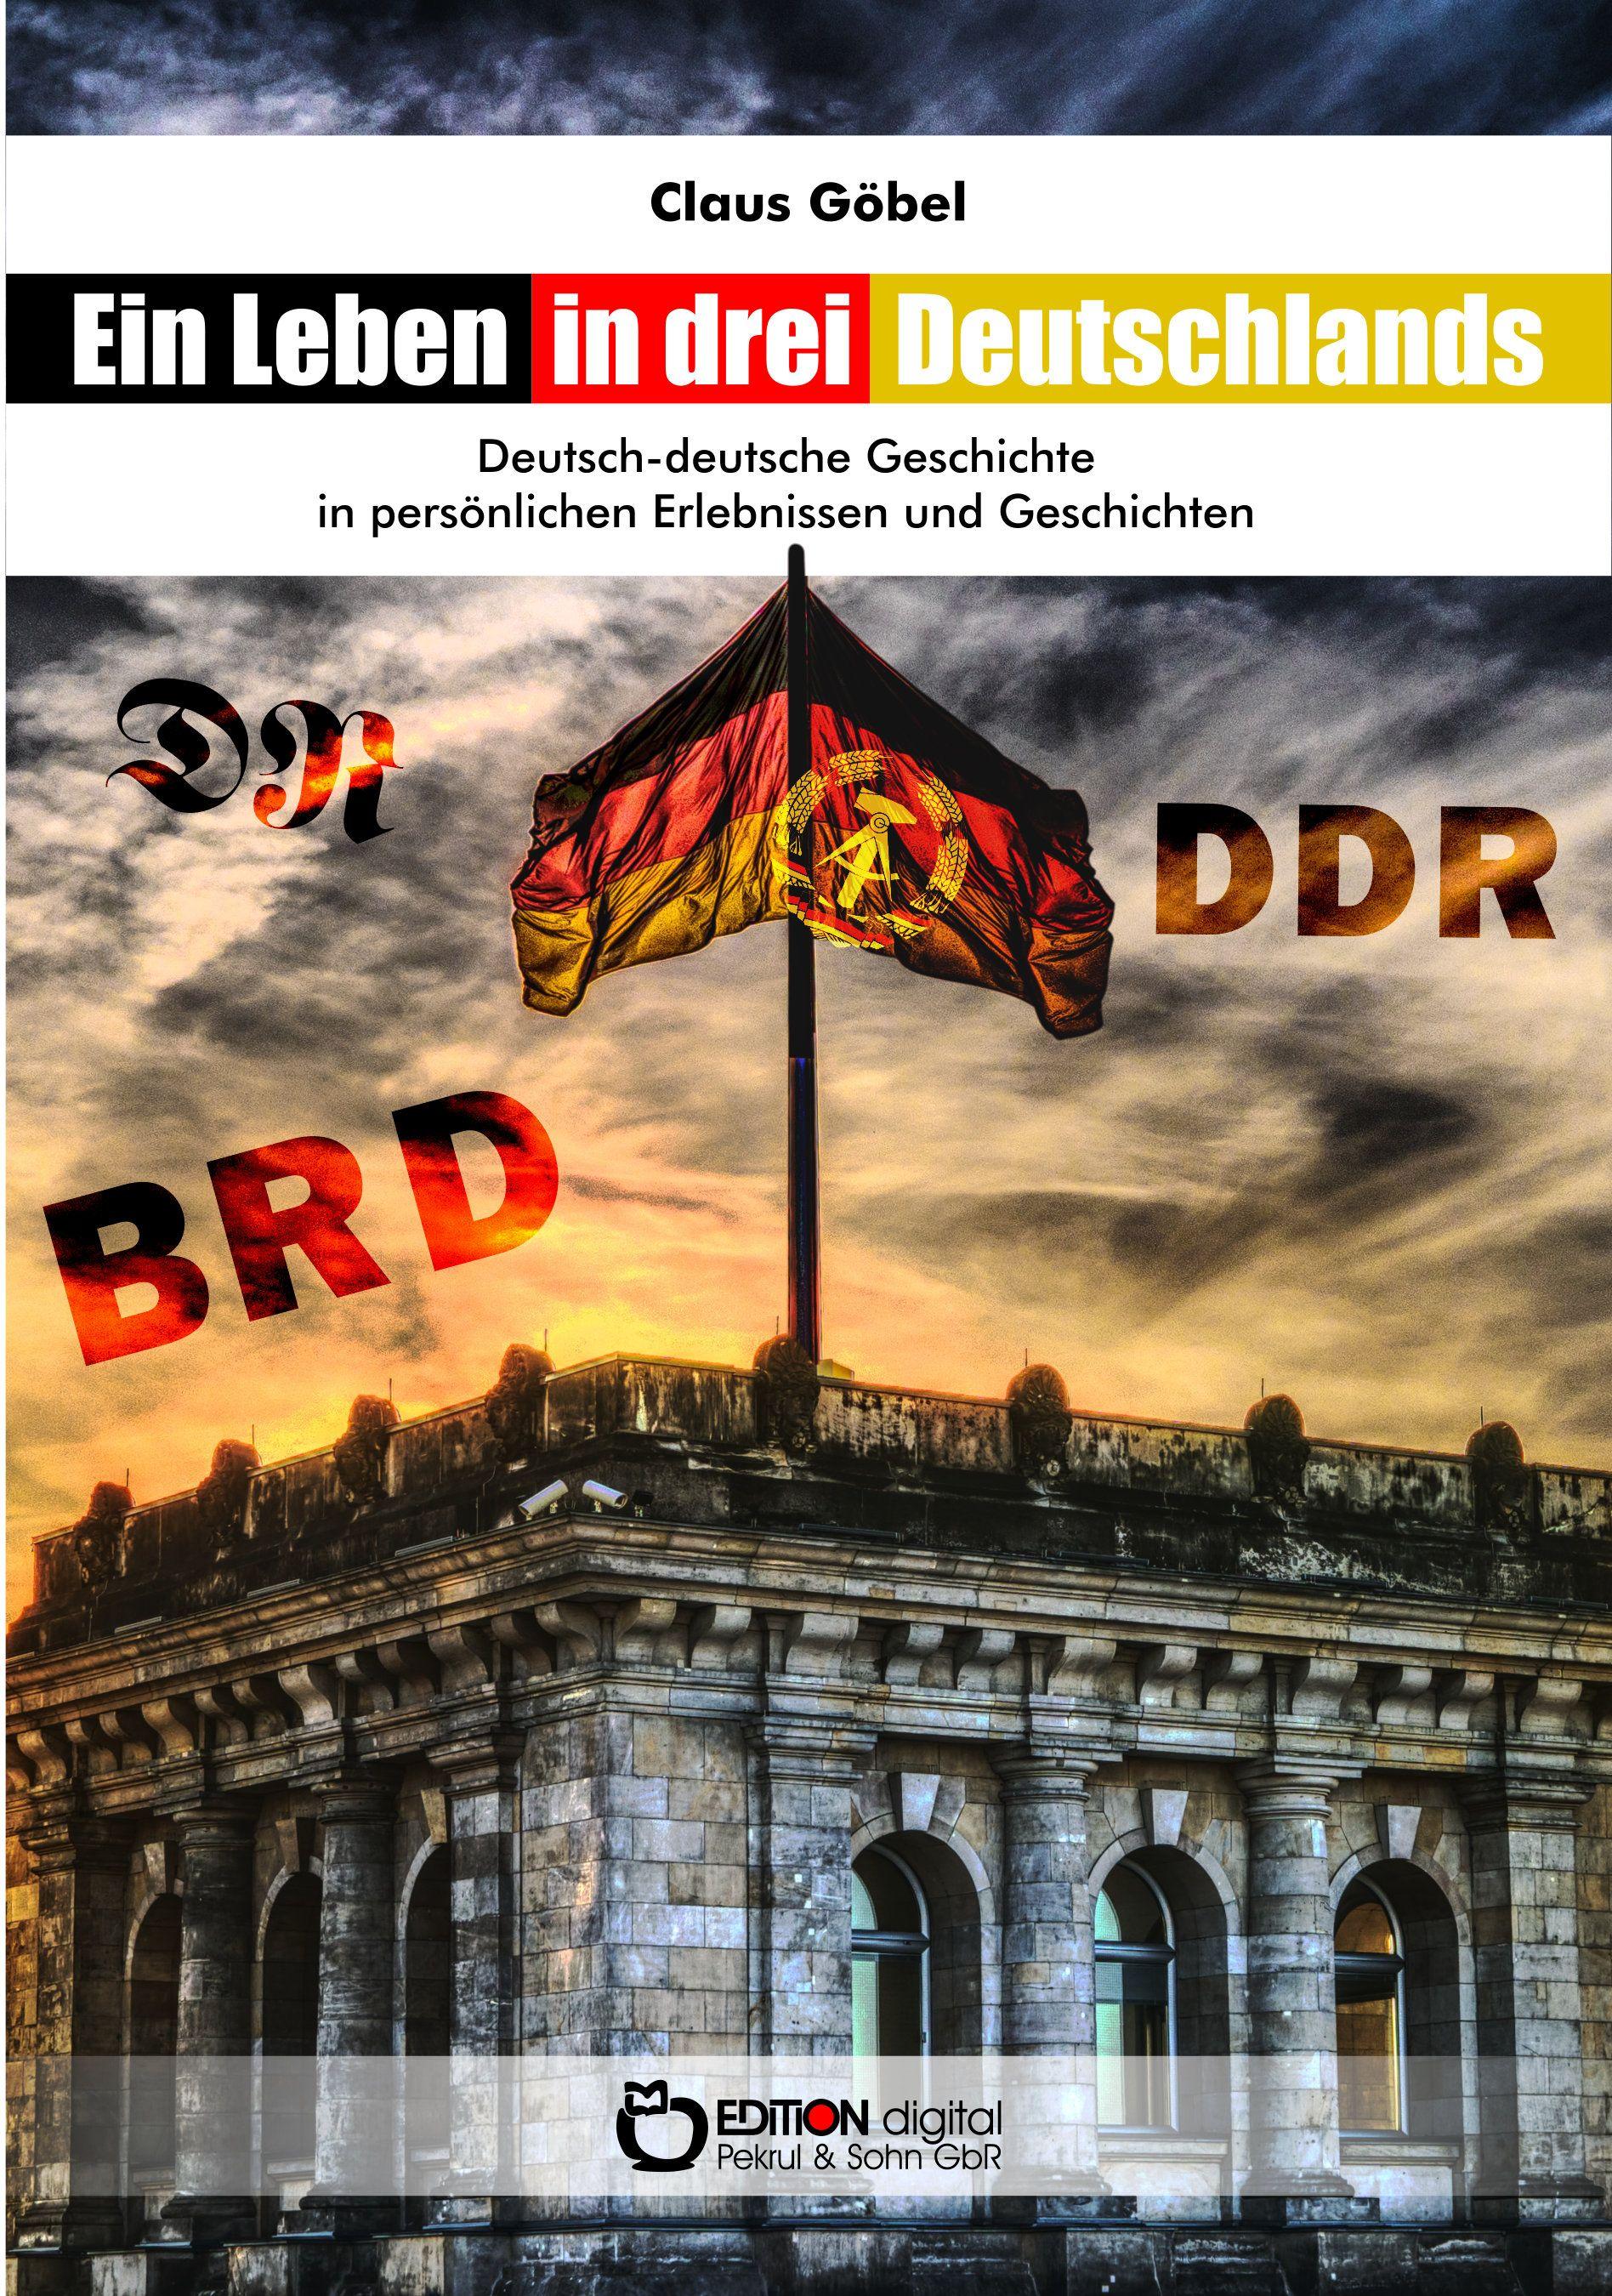 Ein Leben in drei Deutschlands. Deutsch-deutsche Geschichte in persönlichen Erlebnissen und Geschichten von Claus Göbel